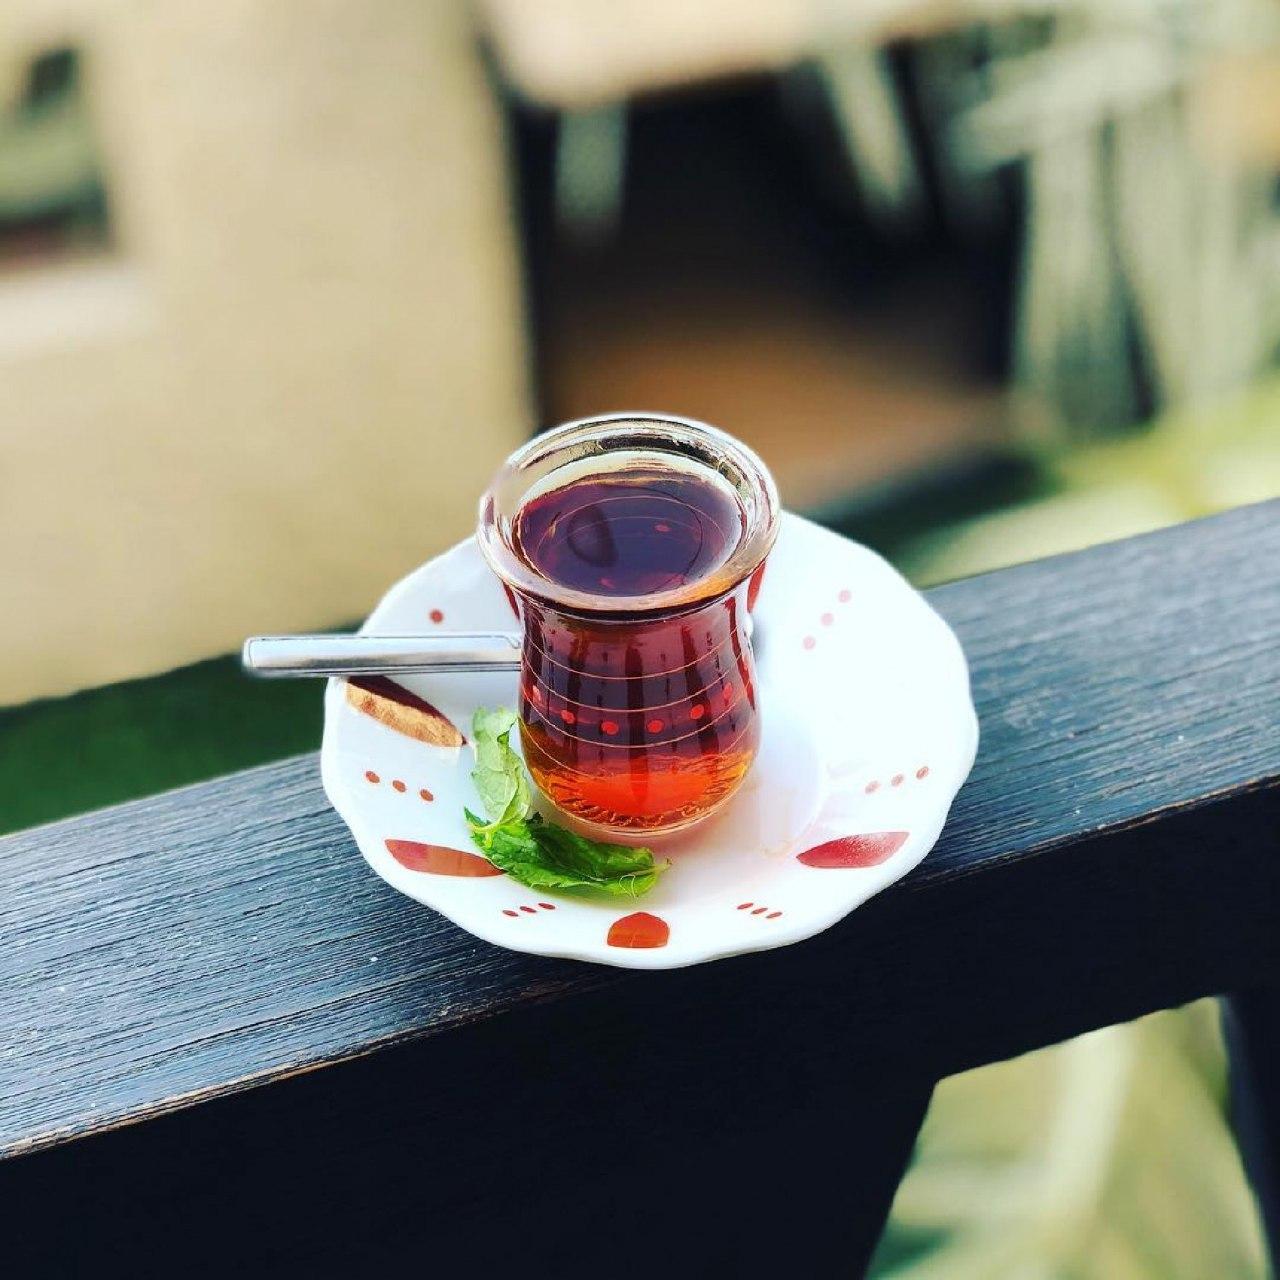 لهذا السبب.. استشاري ينصح بعدم شرب الشاي والقهوة في فناجين الاستراحات